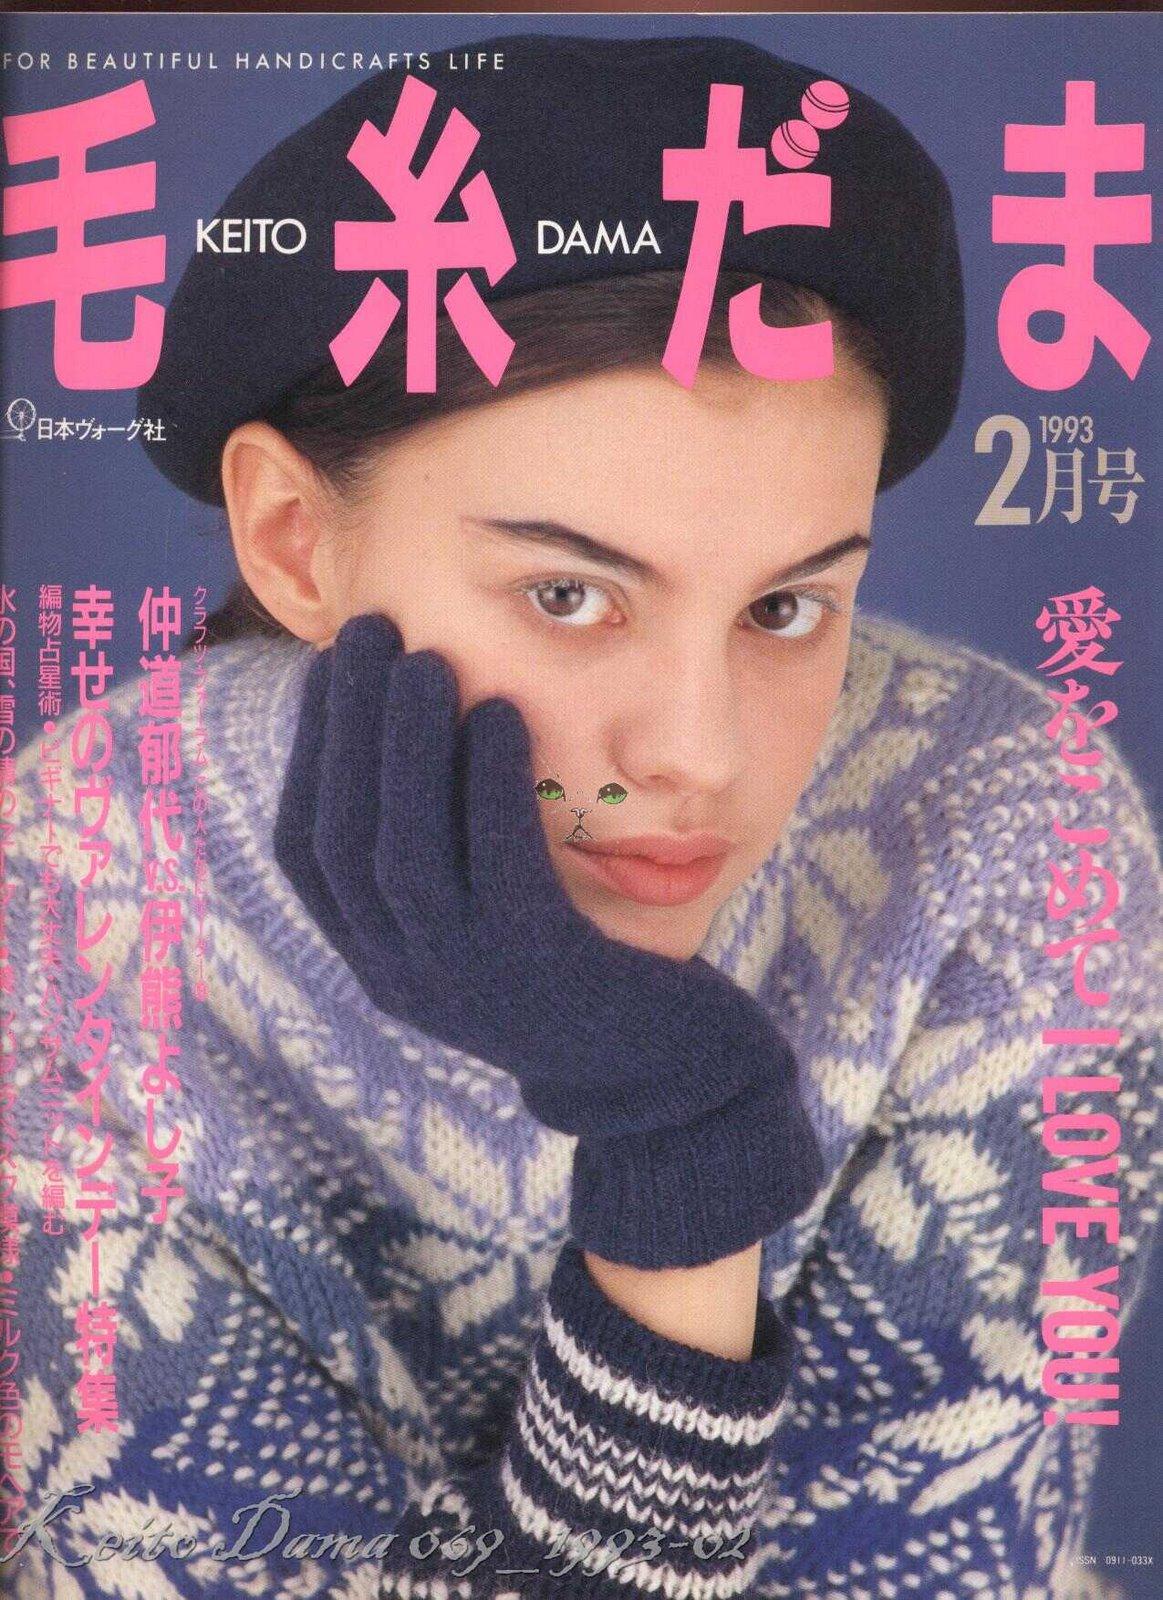 Keito-Dama-069_1993-01.jpg